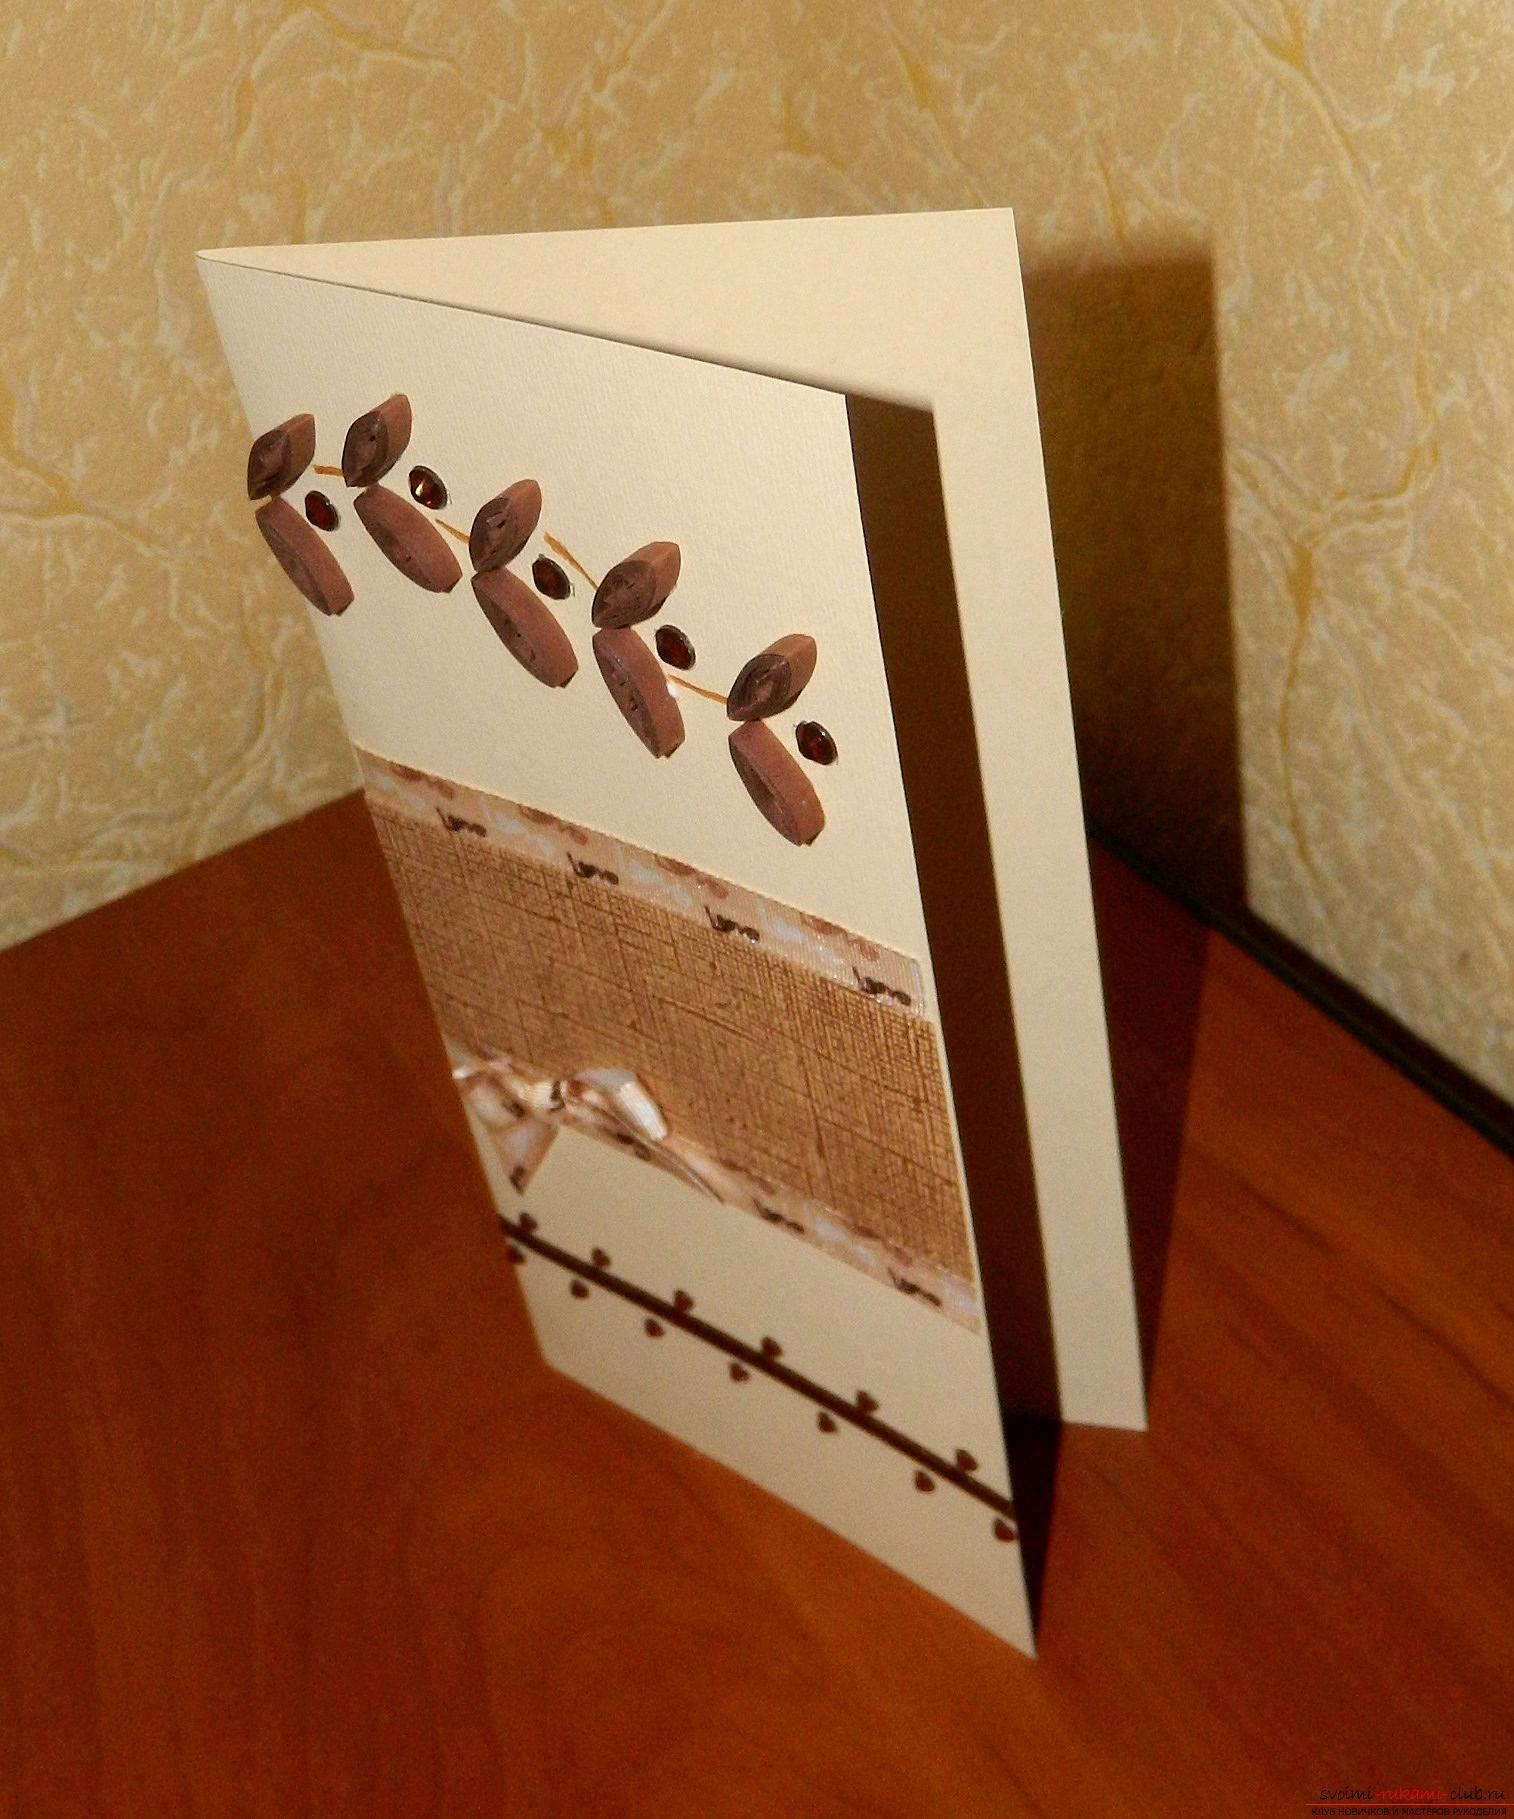 Этот мастер-класс научит как сделать классическую открытку с днем рождения своими руками.. Фото №1